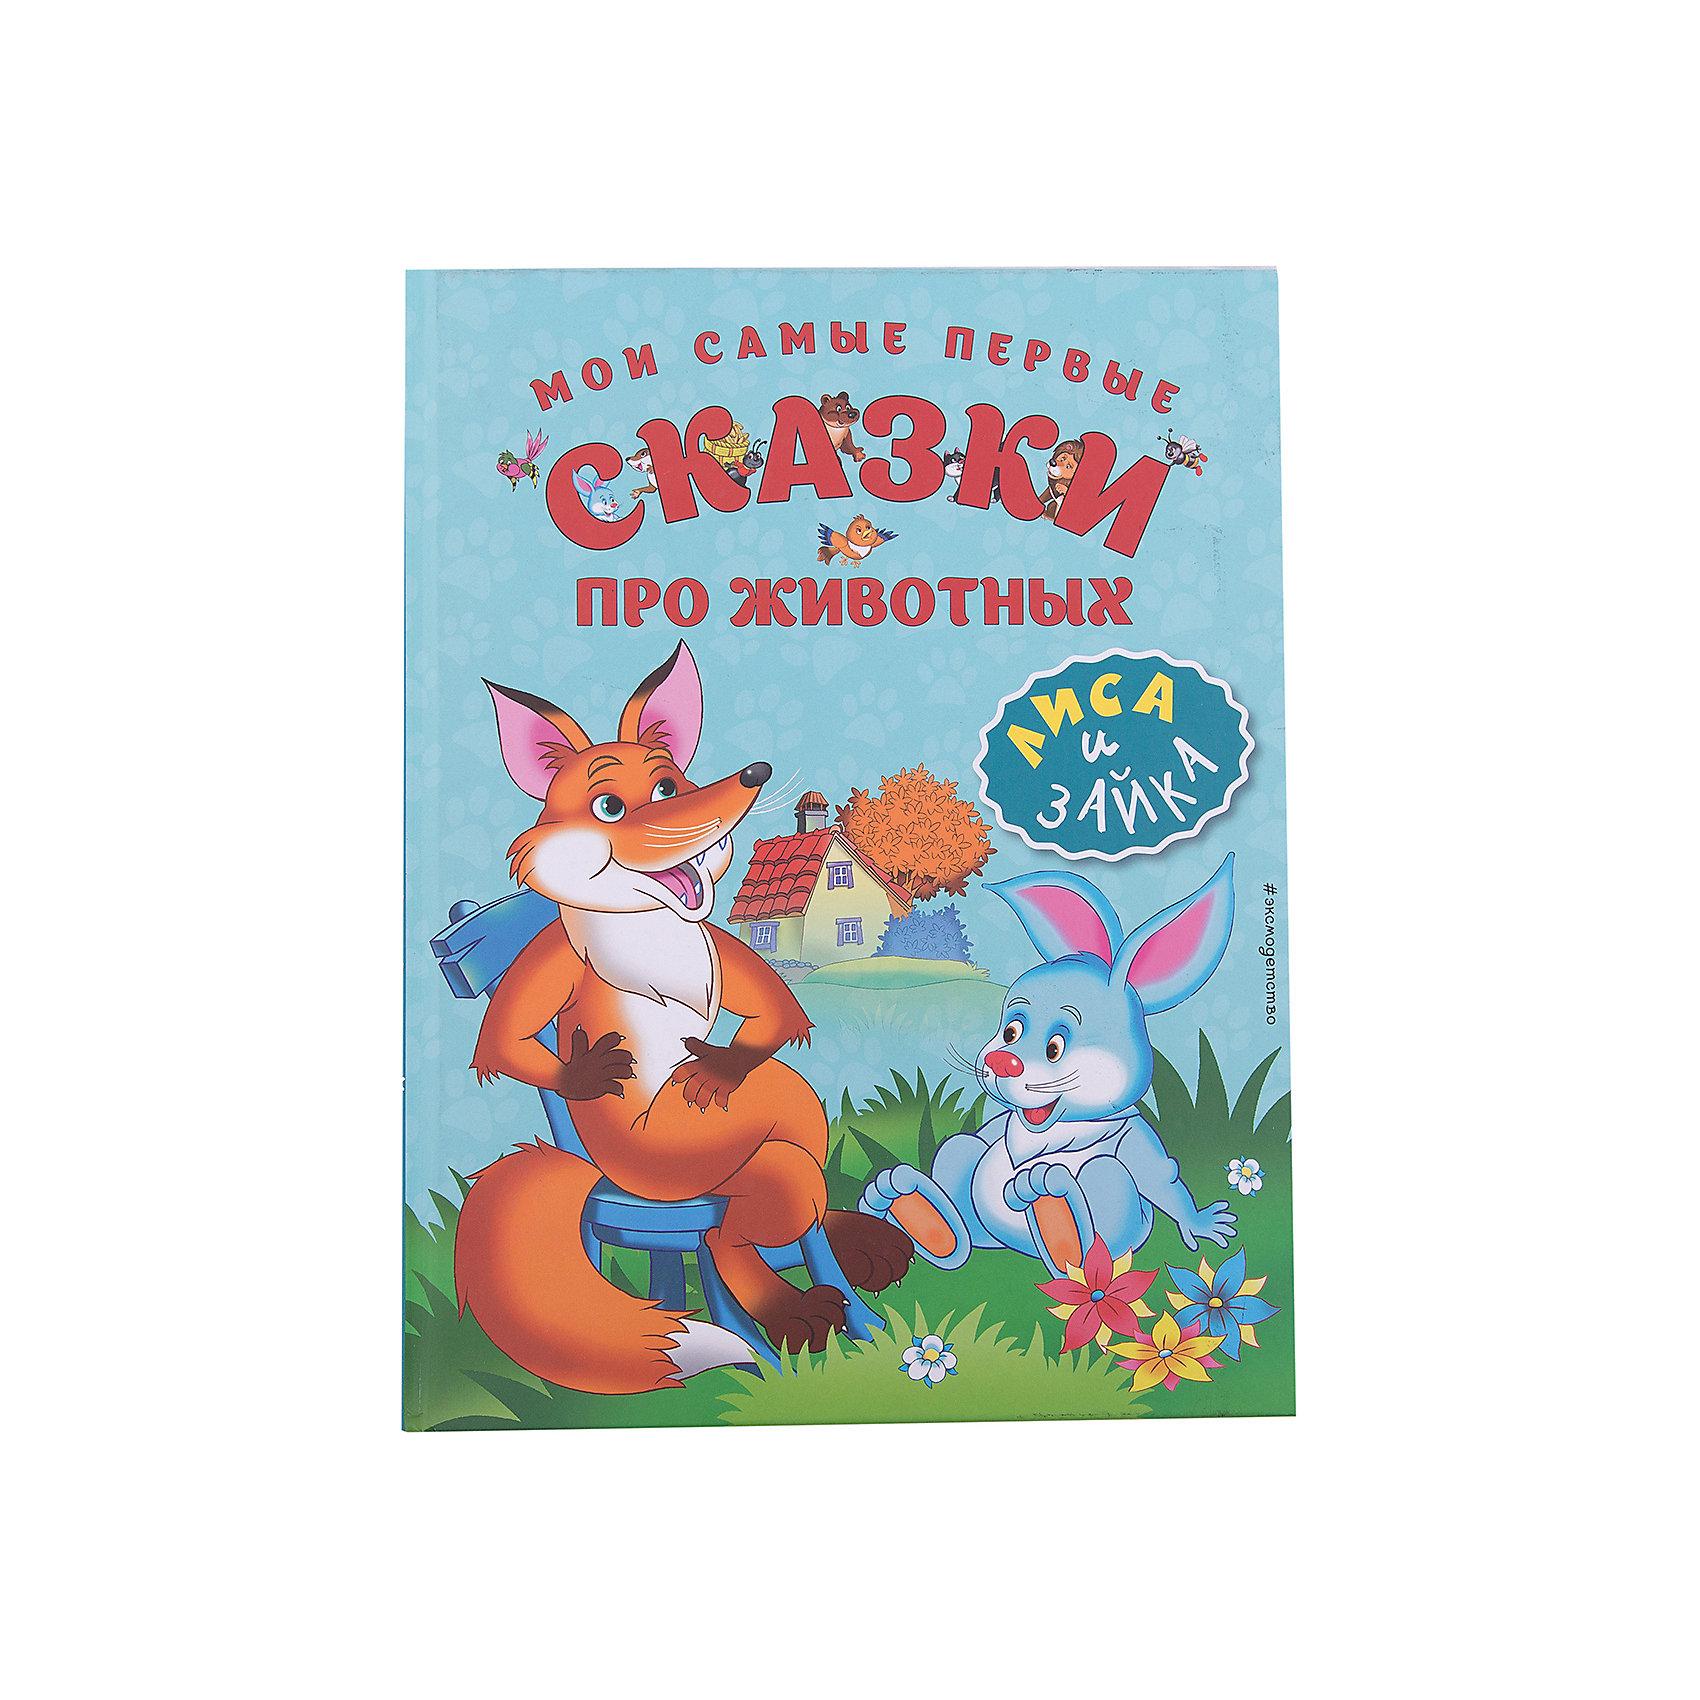 Мои самые первые сказки про животных: Лиса и зайкаРусские сказки<br>Эта книга отлично подходит для чтения самым маленьким: в ней простые короткие тексты и яркие иллюстрации, которые ребёнок будет с удовольствием разглядывать! Вместе с героями сказок - хитрой лисой, проворной мышкой, пугливым зайцем, сильным львом и другими - малыш усвоит основы нравственности и научится различать добро и зло.<br>Для детей до 3-х лет.<br><br>Ширина мм: 255<br>Глубина мм: 197<br>Высота мм: 10<br>Вес г: 387<br>Возраст от месяцев: 24<br>Возраст до месяцев: 2147483647<br>Пол: Унисекс<br>Возраст: Детский<br>SKU: 5535391